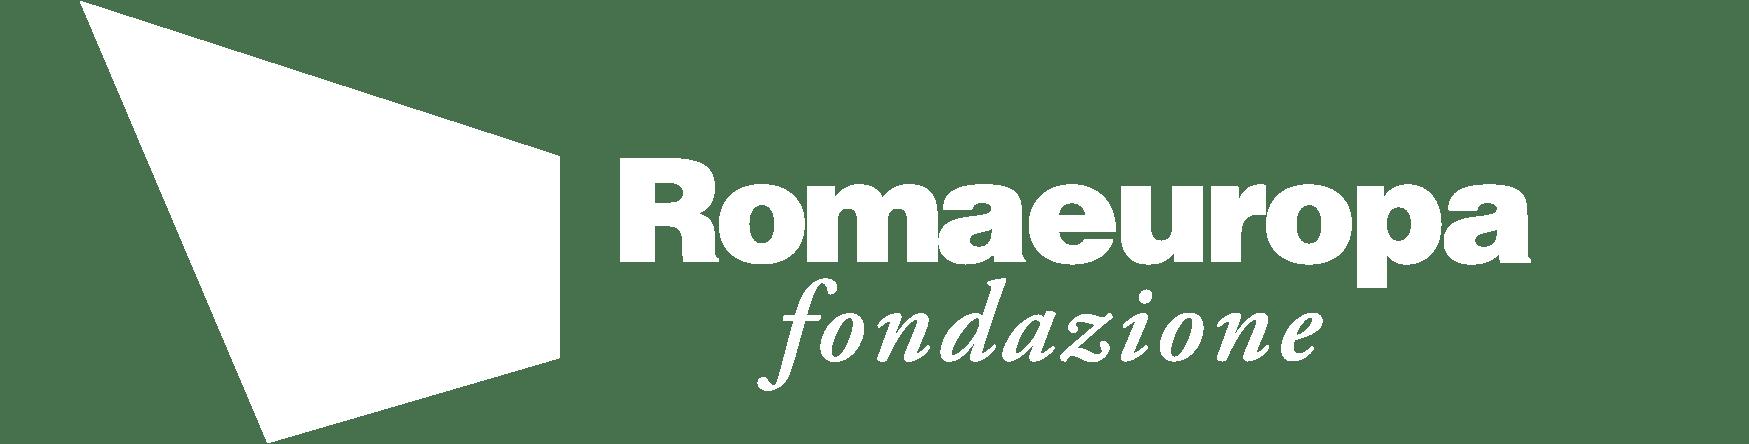 Fondazione Romaeuropa